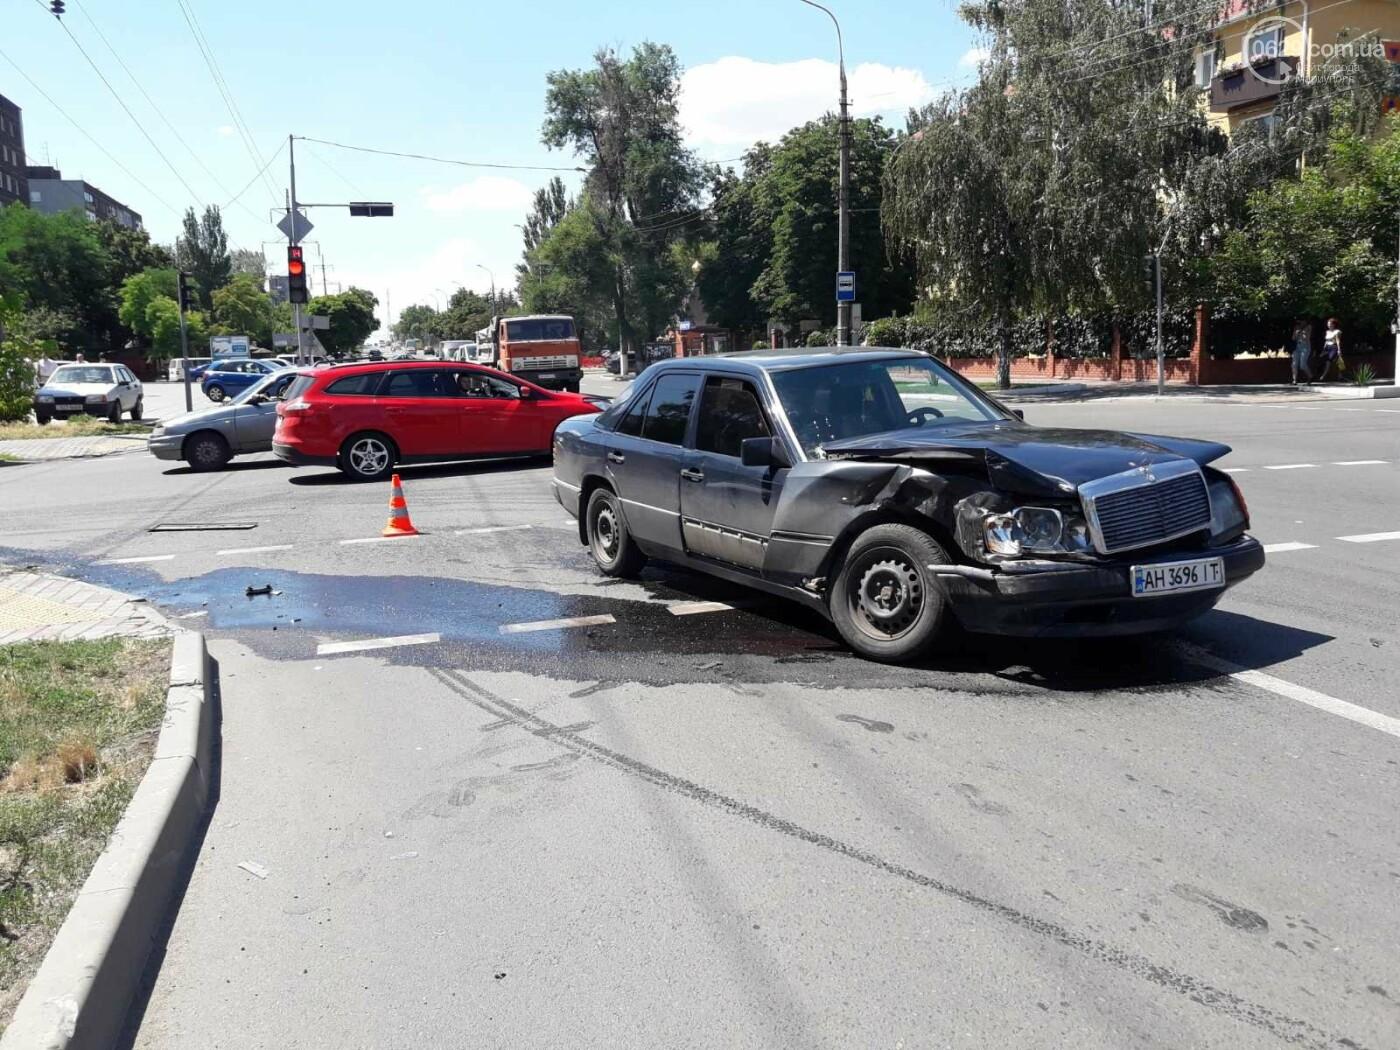 Снова ДТП! В Мариуполе на опасном перекрестке столкнулись Nissan и Mercedes. Пострадала девушка-водитель, - ФОТО, ВИДЕО, фото-6